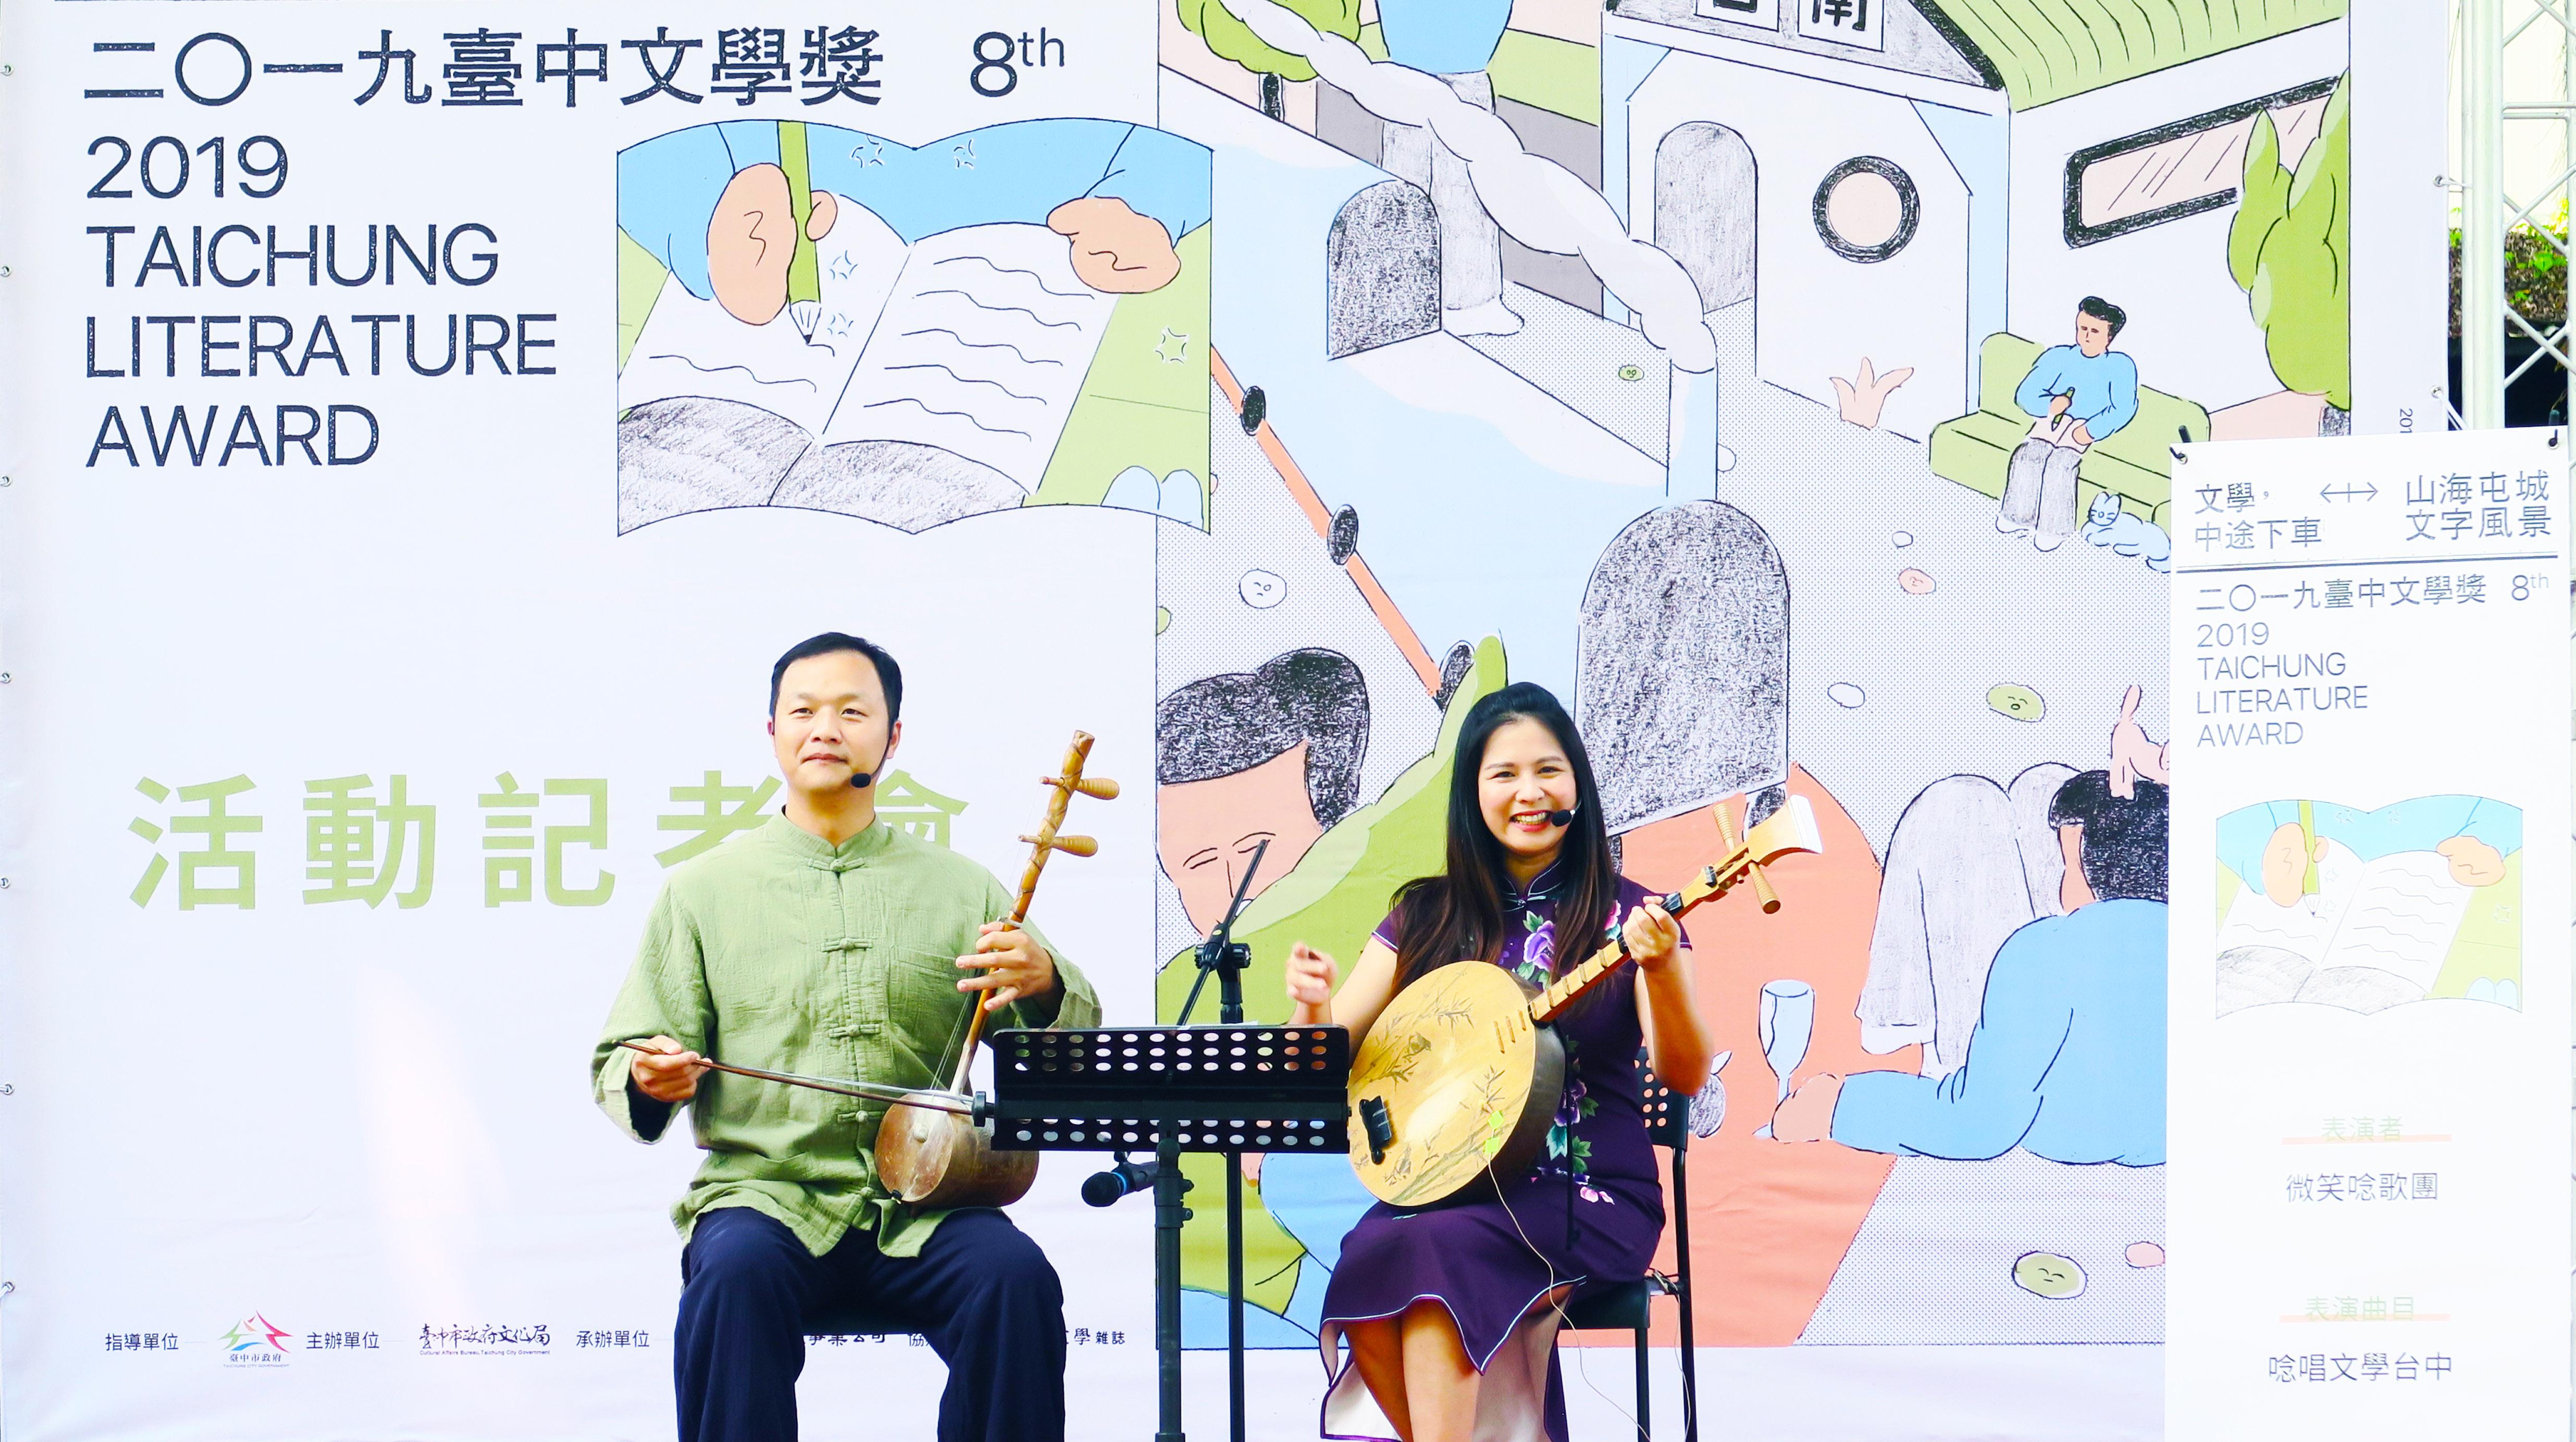 微笑唸歌團特別為臺中文學獎演唱《唸唱文學臺中》